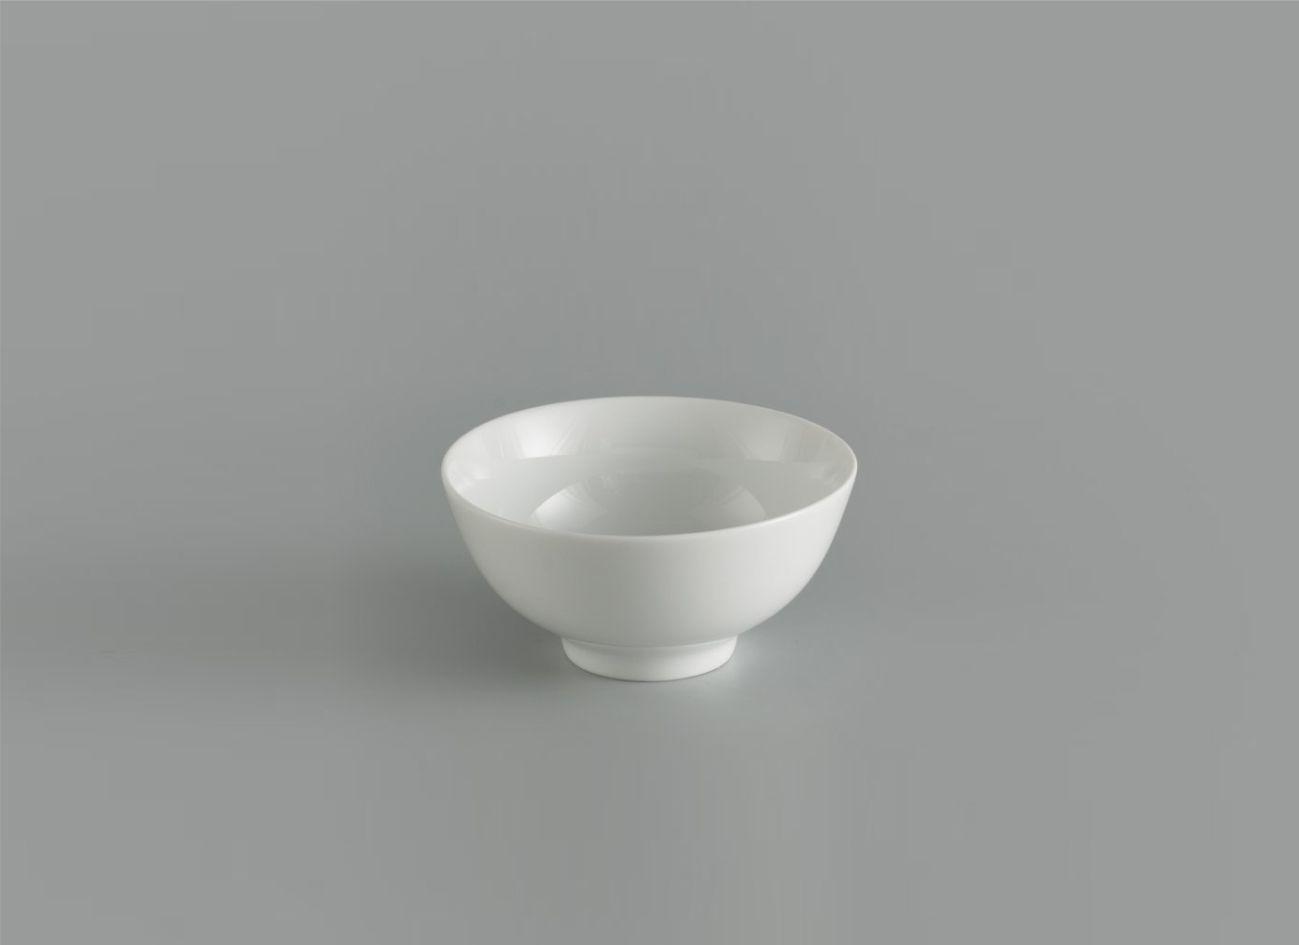 Chén cơm 11.2cm Jas Lys Trắng Ngà 031199000